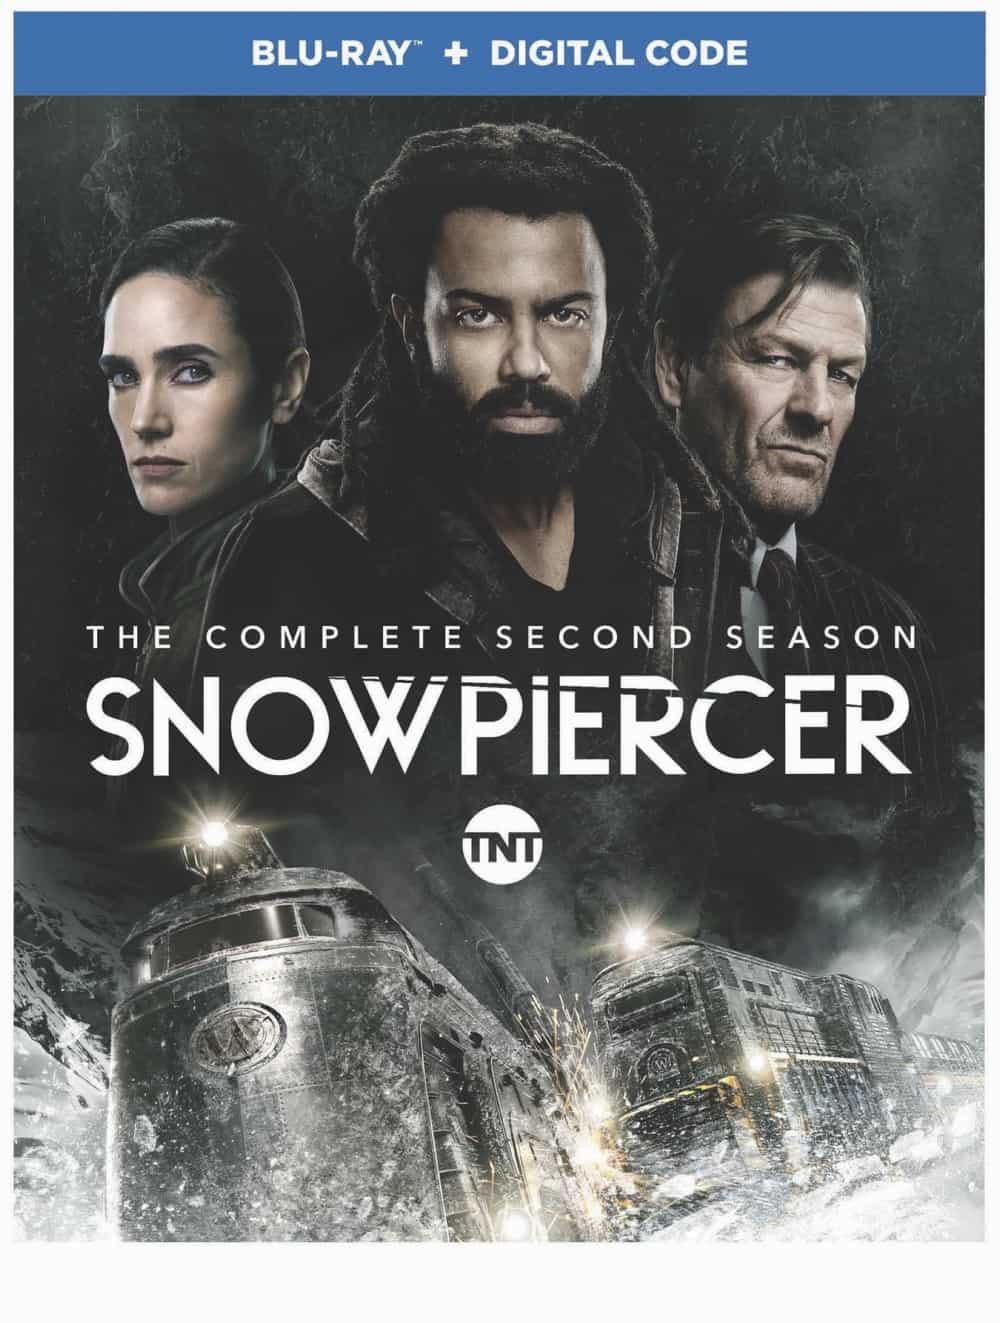 SNOWPIERCER S2 BD 2D